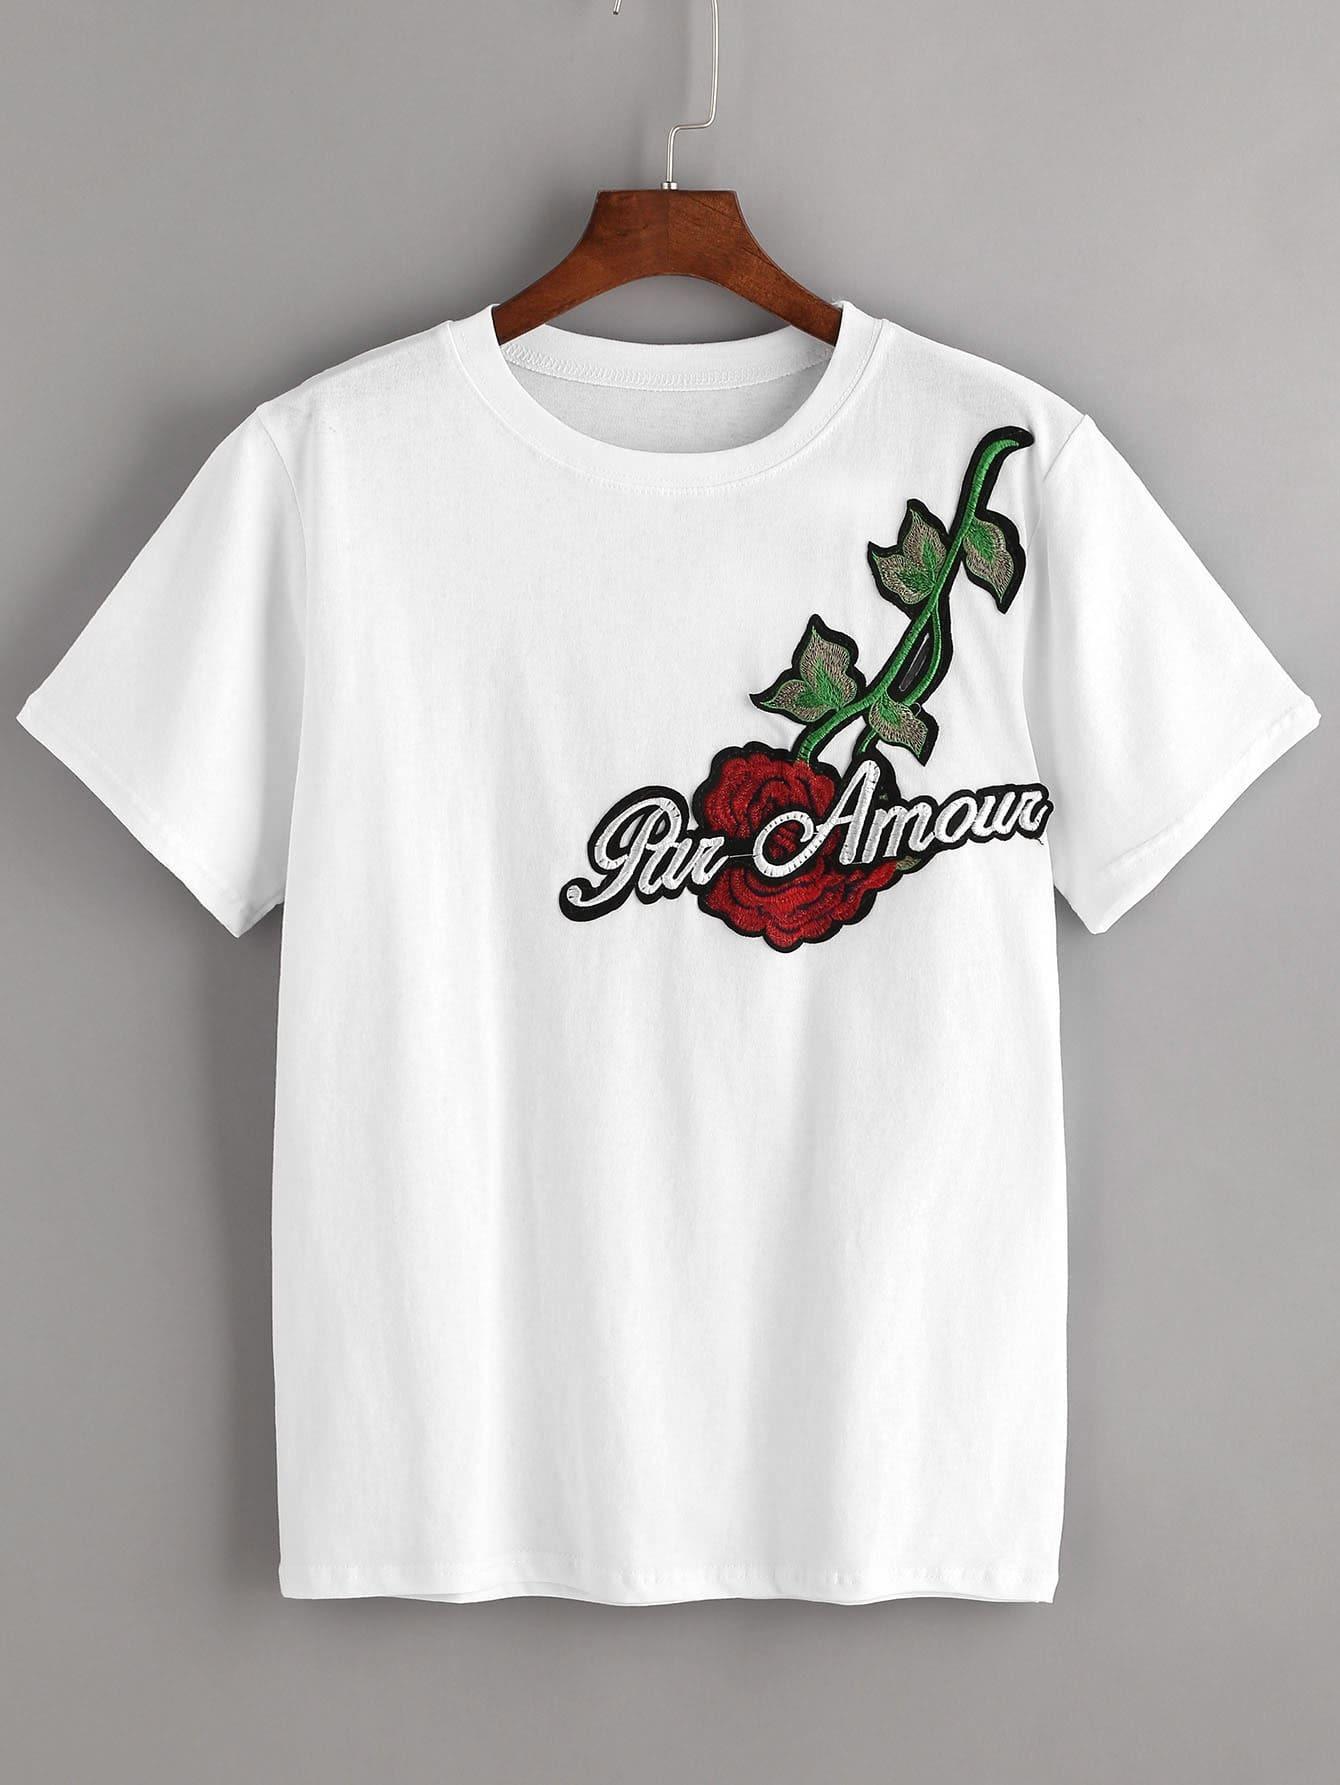 Фото футболок с вышивкой